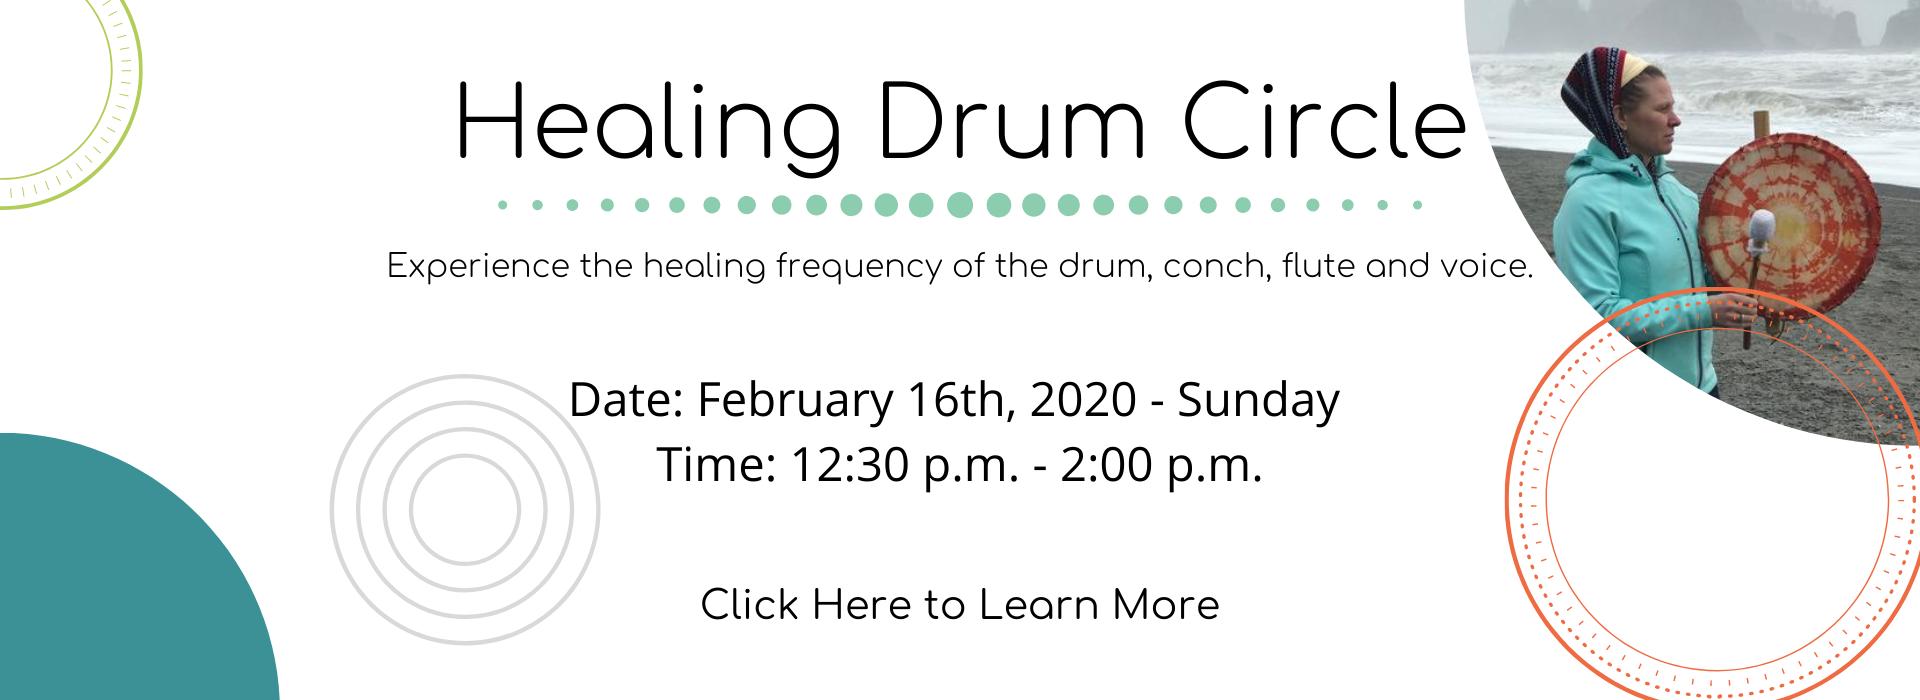 Healing Drum Circle (1)